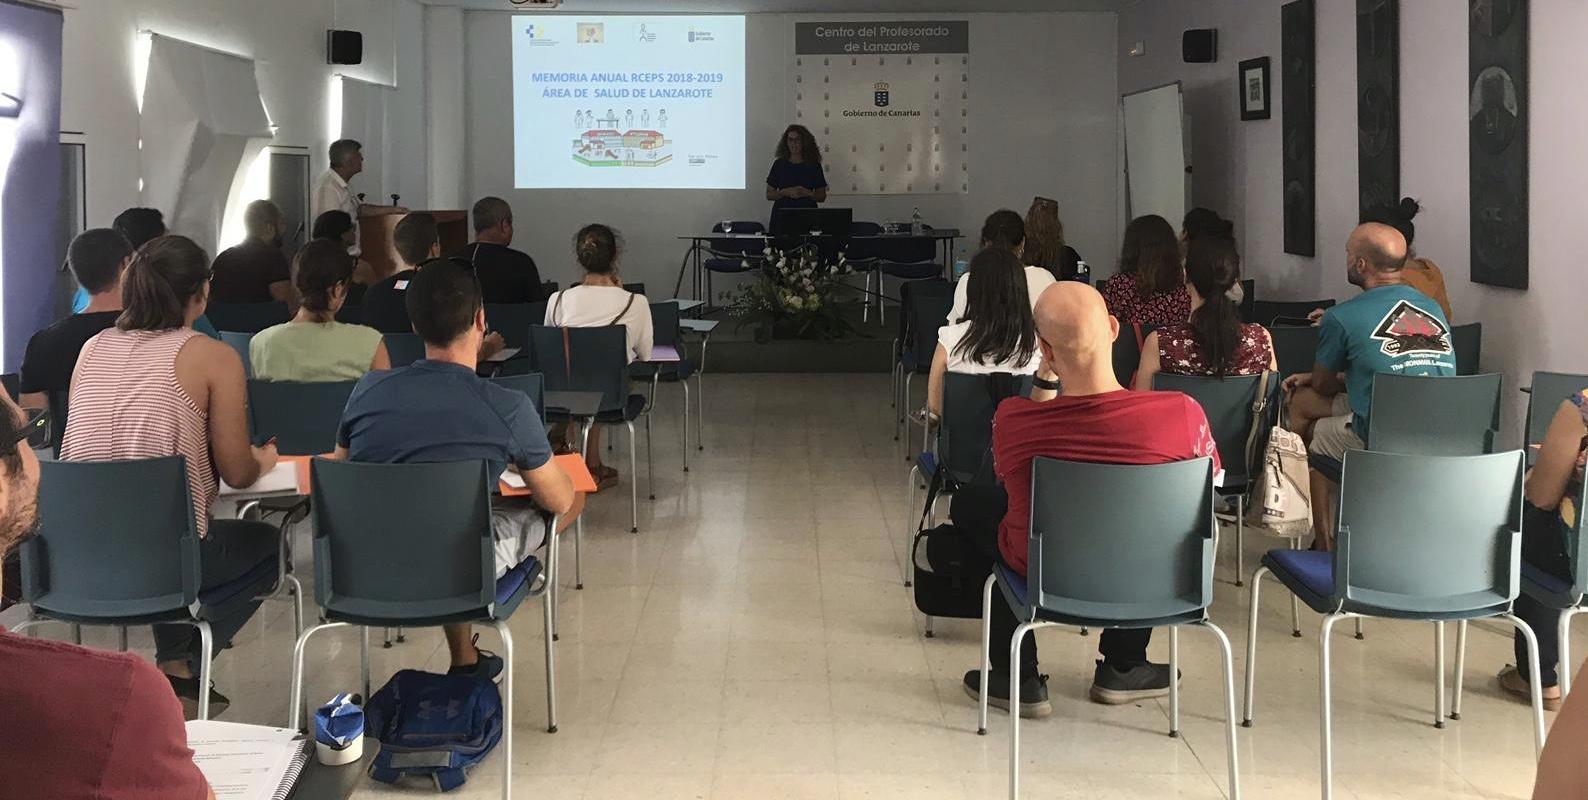 Sanidad expone a la Red Canaria de Escuelas Promotoras de la Salud sus actividades previstas para Lanzarote